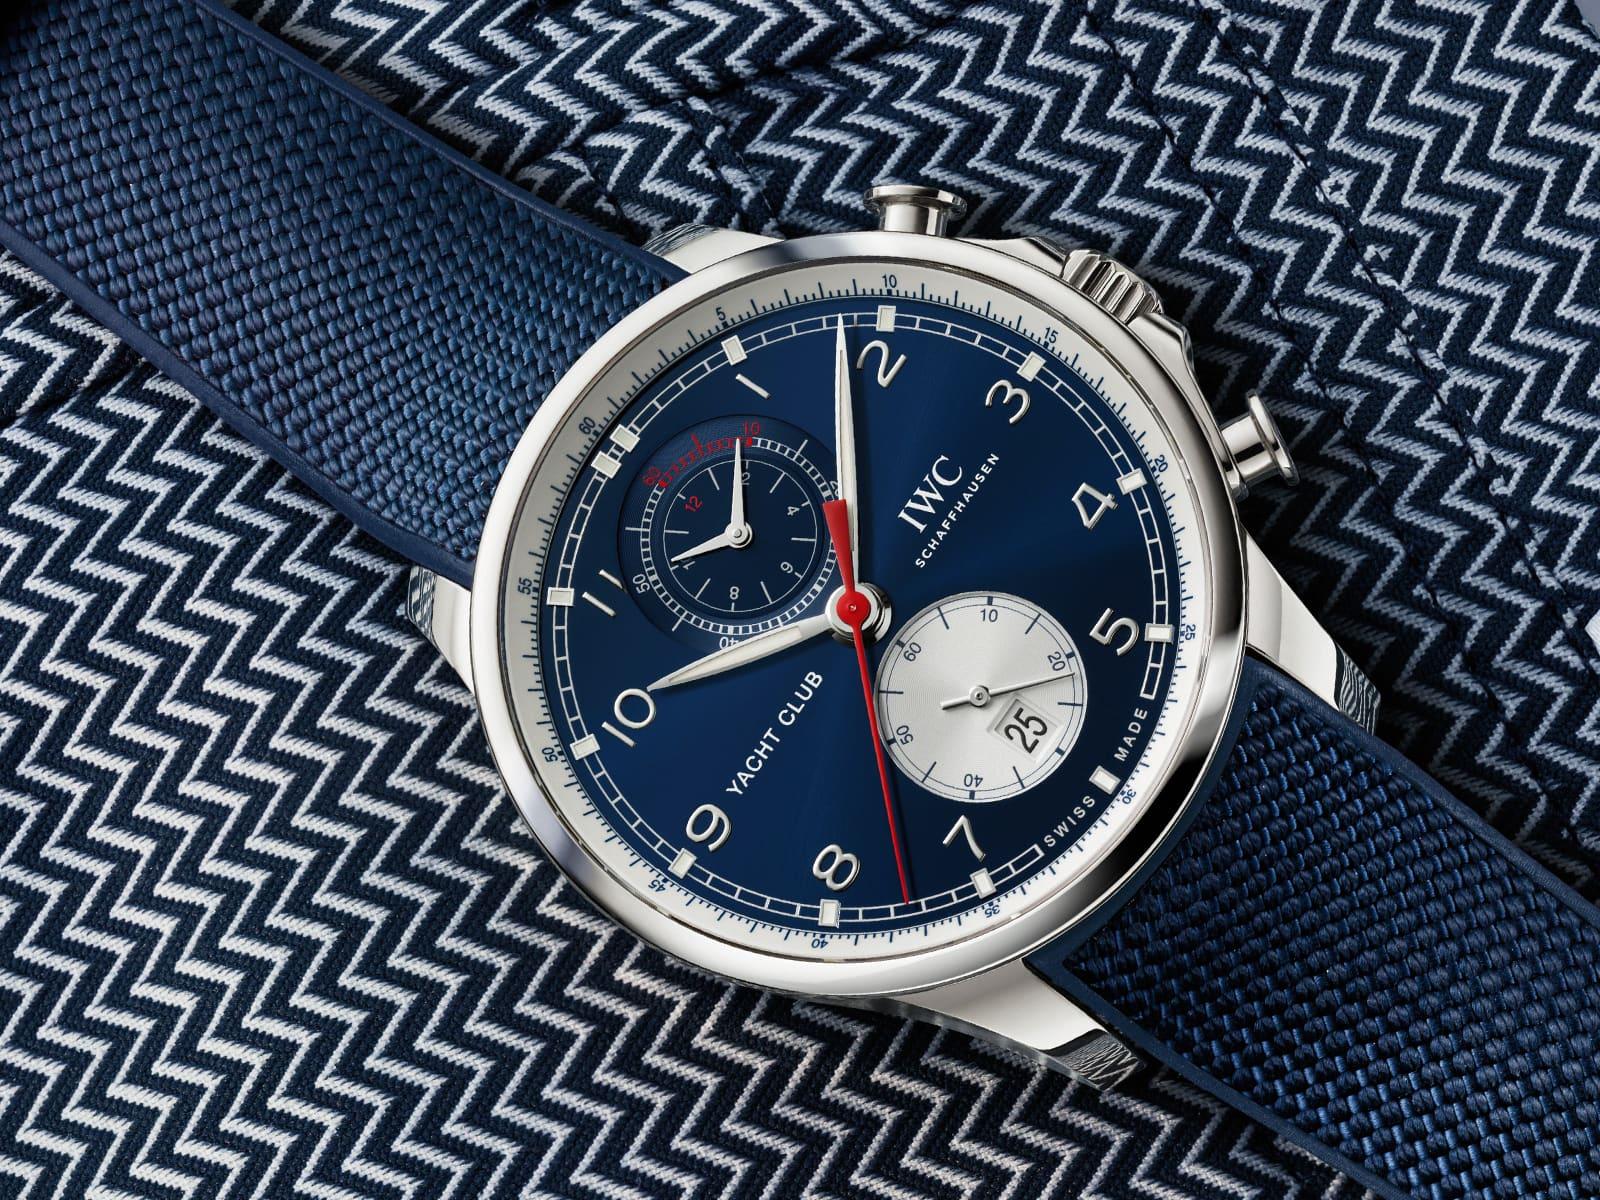 iw390704-iwc-portugieser-yacht-club-chronograph-edition-orlebar-brown-3.jpg